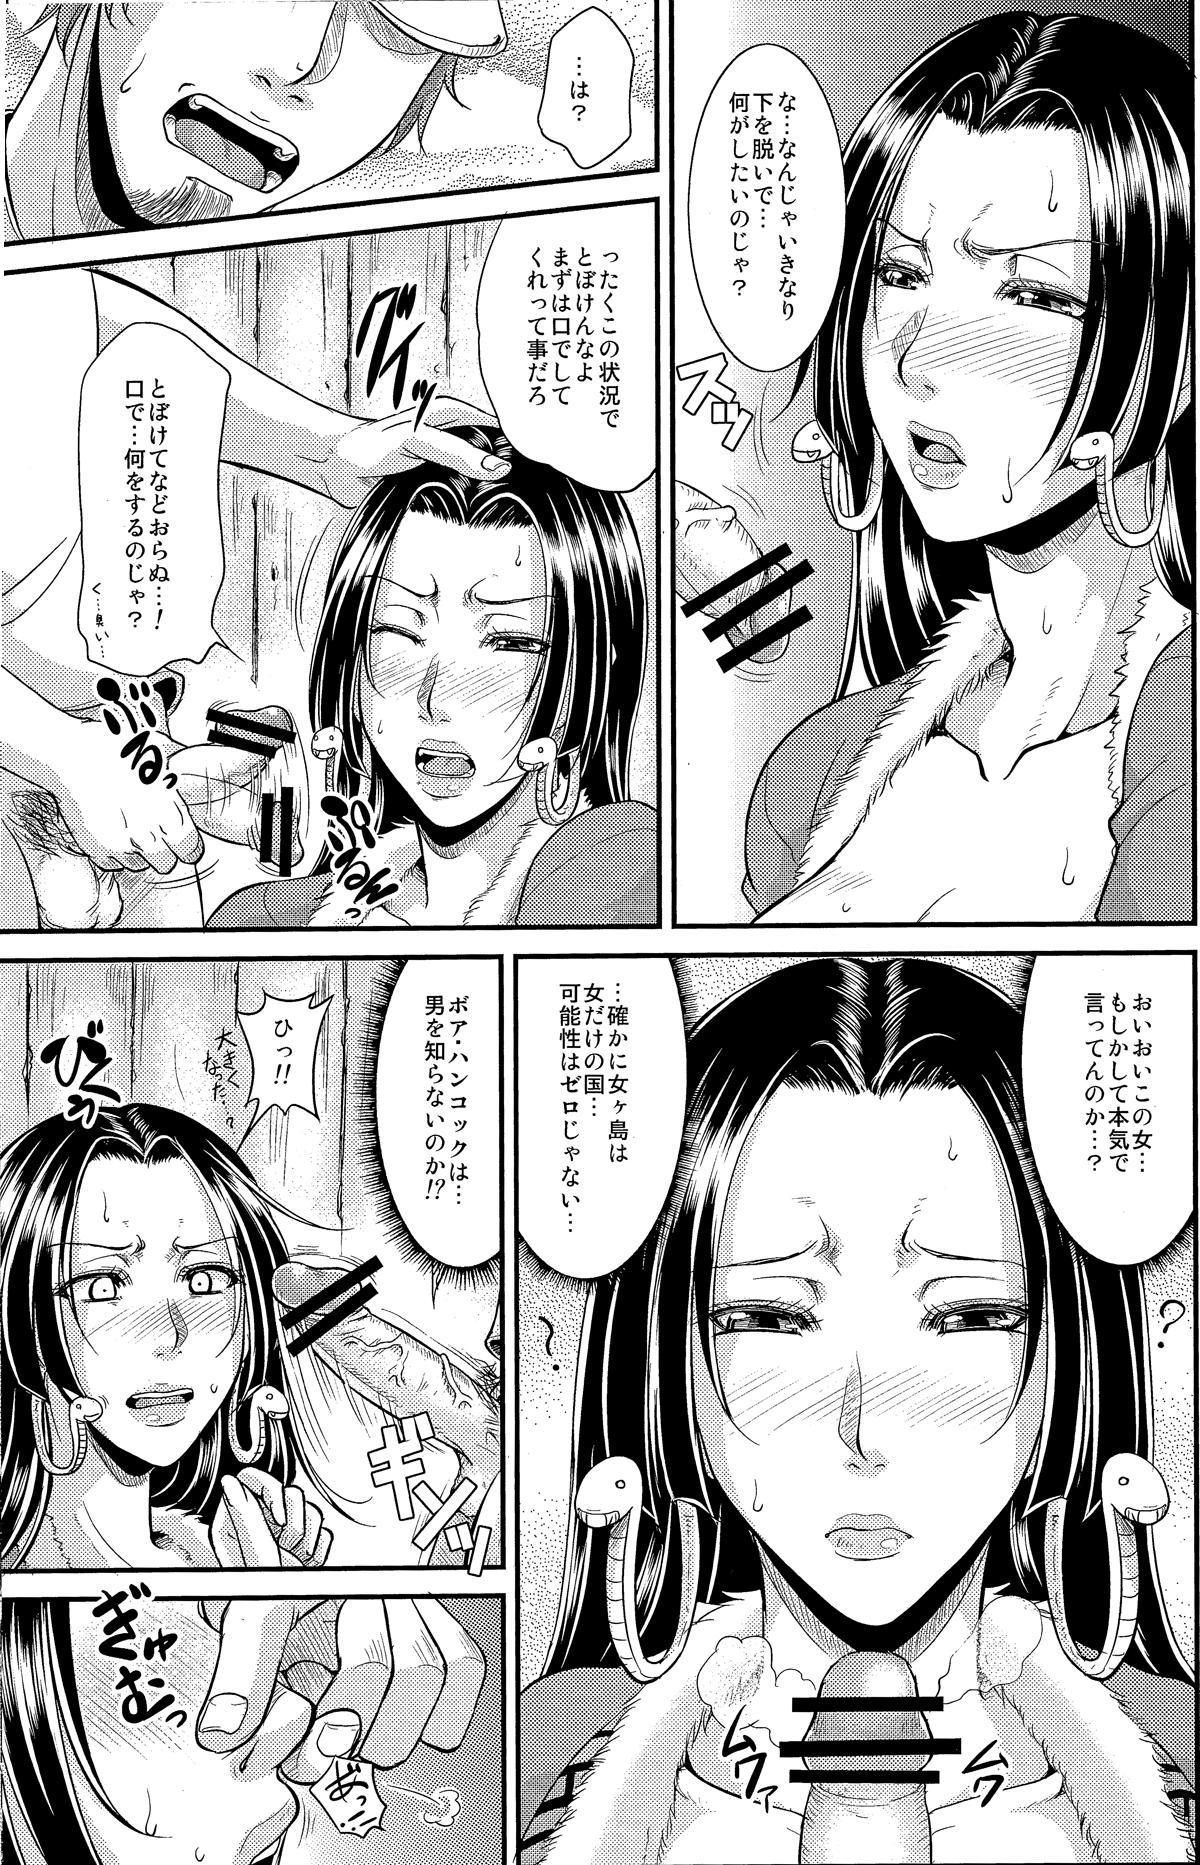 Hebihime-sama 29sai no Teisou wo Itadaku Hon 3